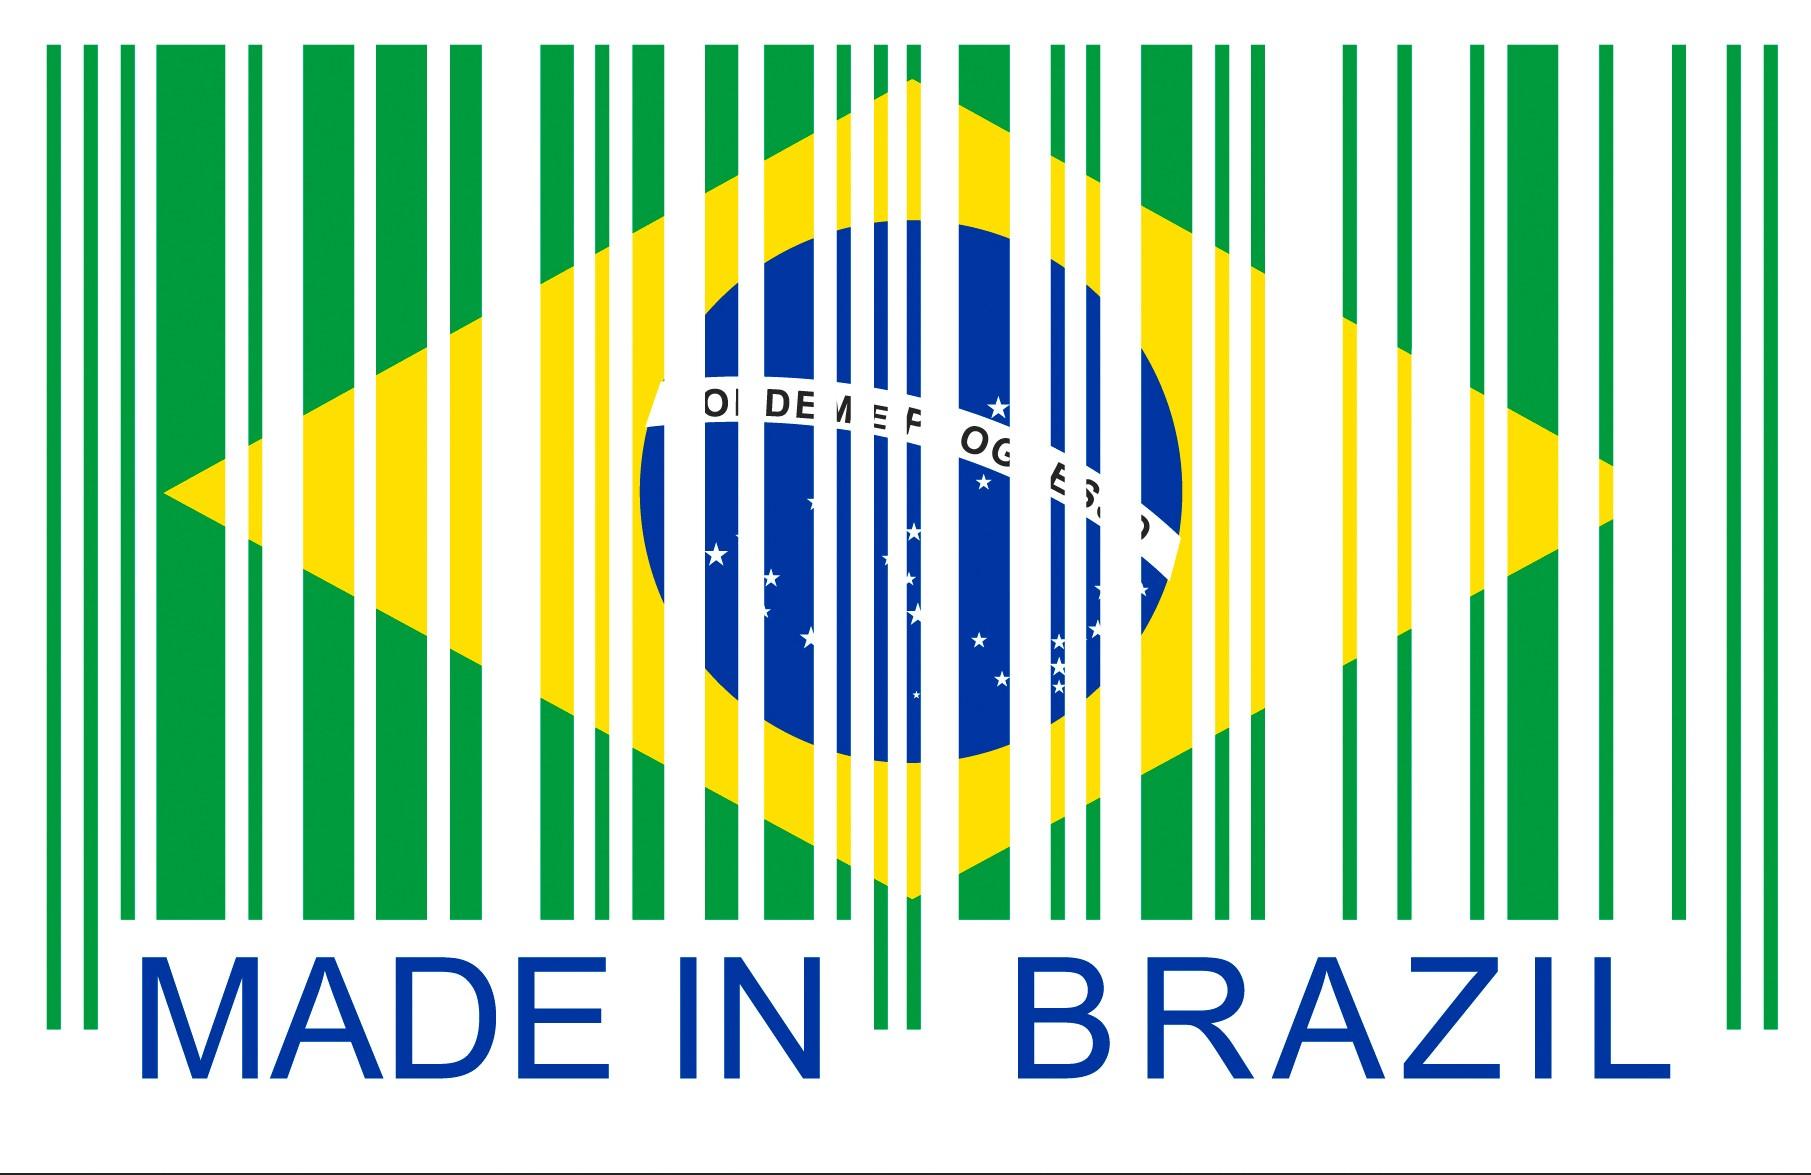 Resultado de imagem para made in brazil